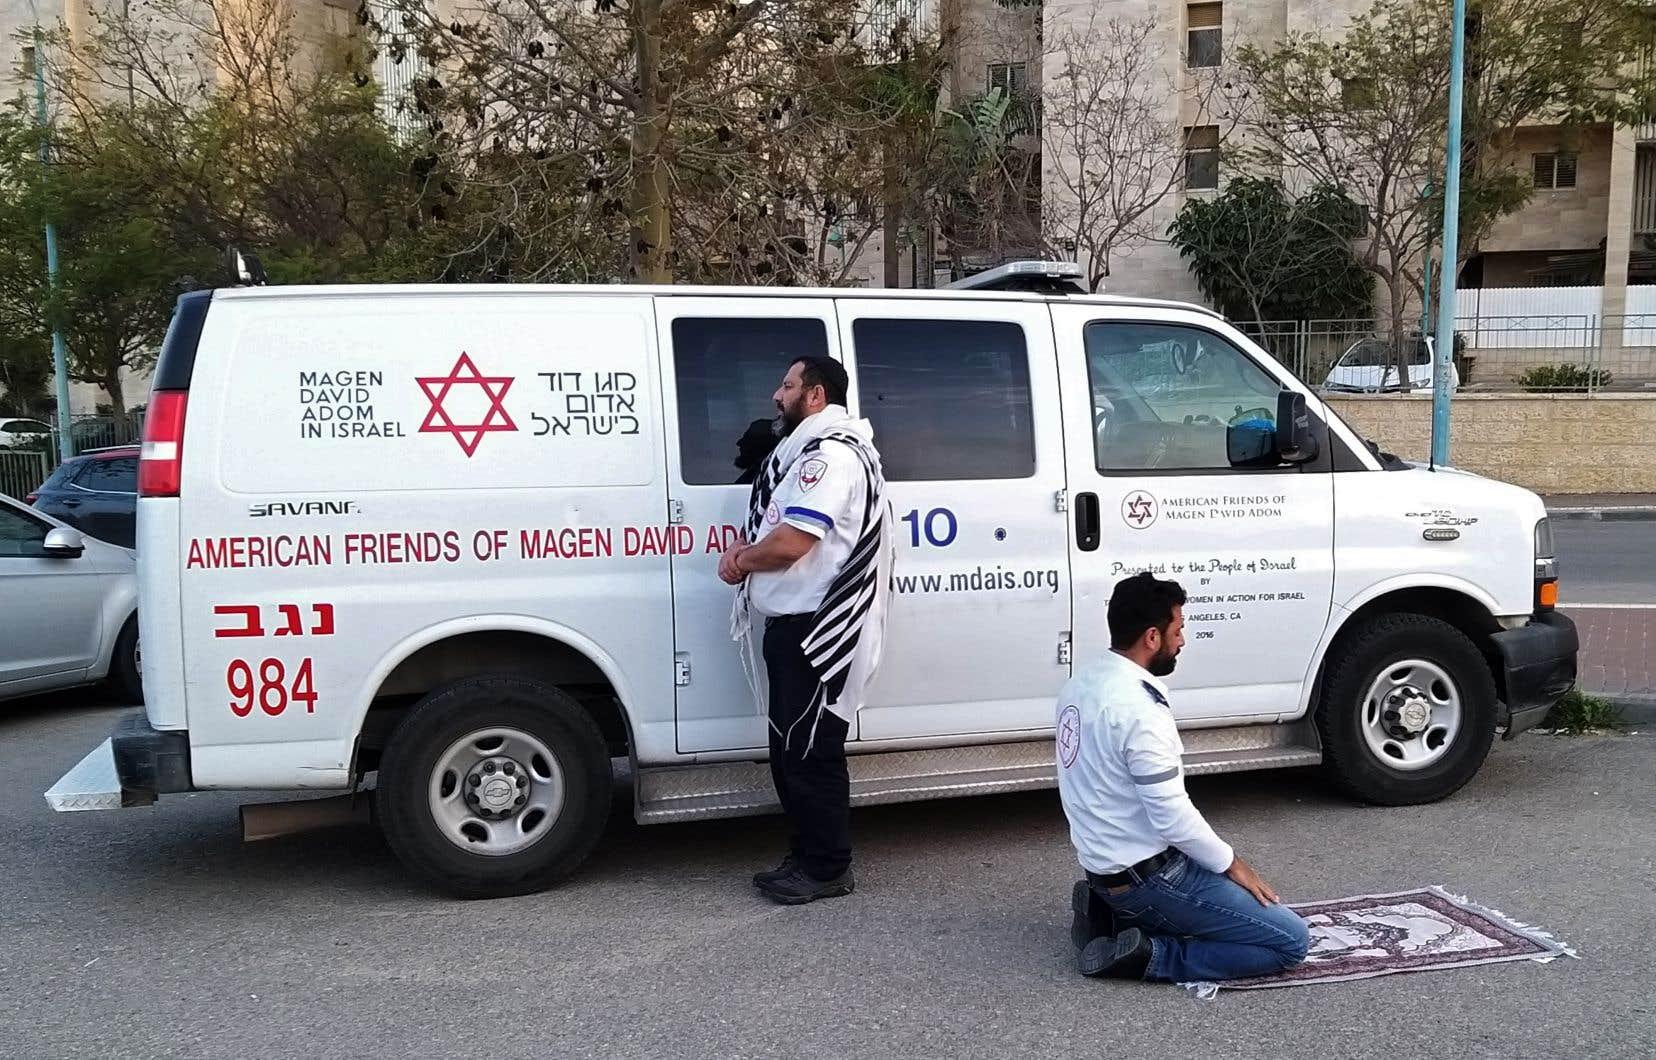 Une image de la Magen David Adom, l'équivalent de la Croix-Rouge en Israël, montre deux infirmiers faisant leur prière: l'un, juif, tourné vers Jérusalem, l'autre, musulman, agenouillé en direction de LaMecque.